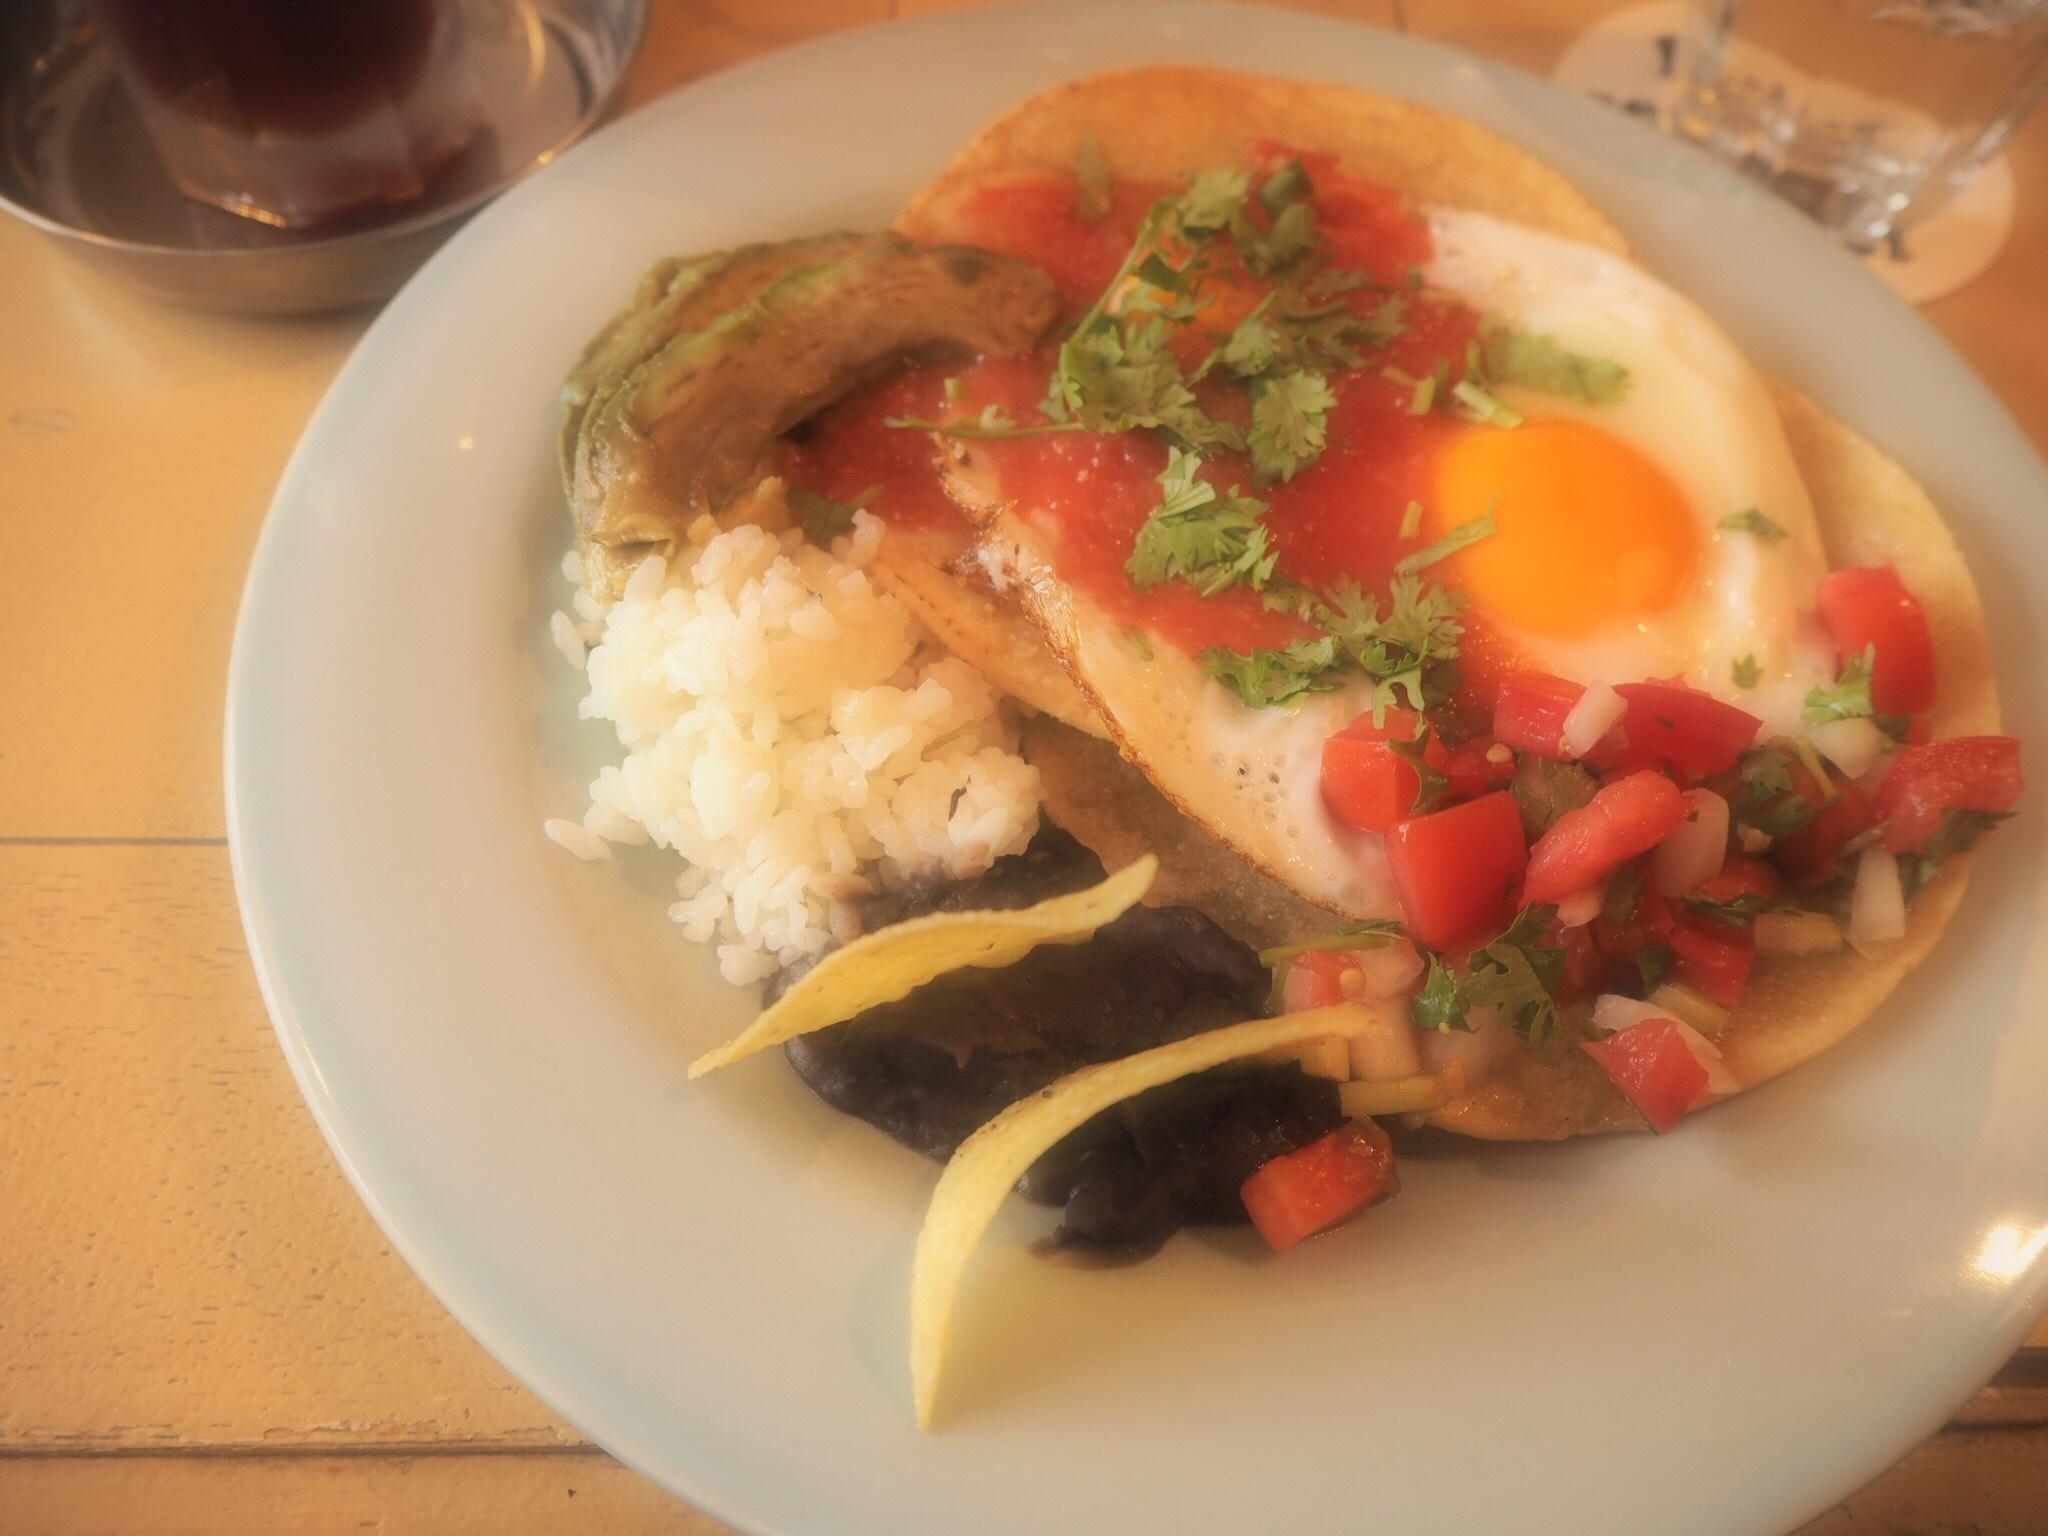 【モーニング】8月4日は朝活の日!表参道で世界の朝食を堪能♪